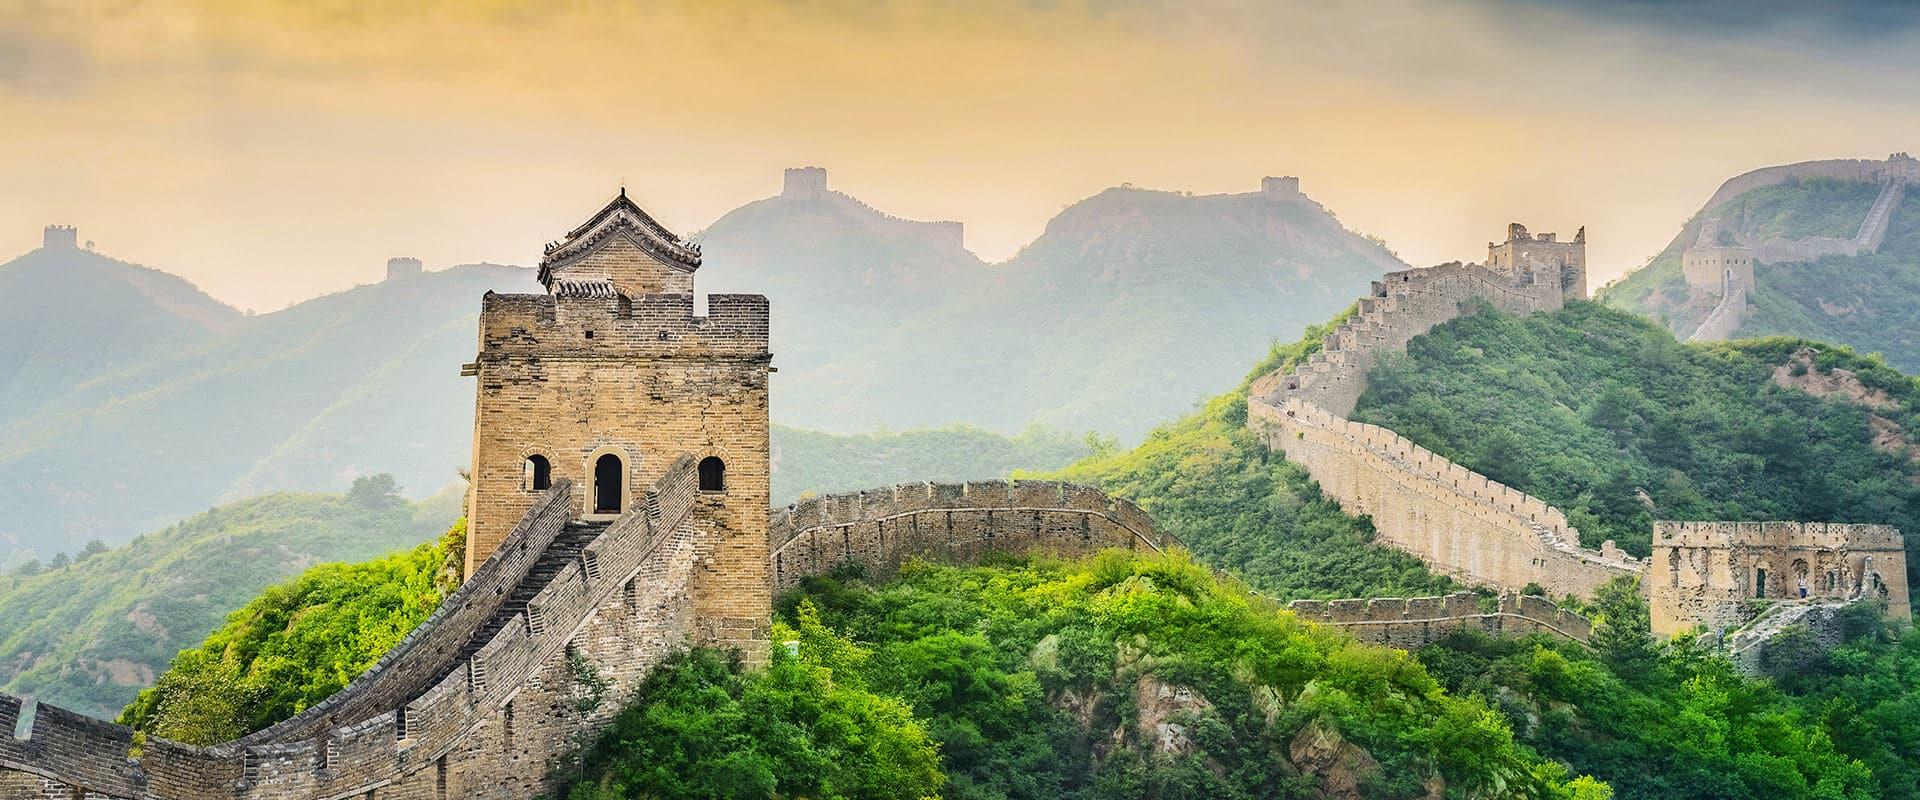 Auslandskrankenversicherung China